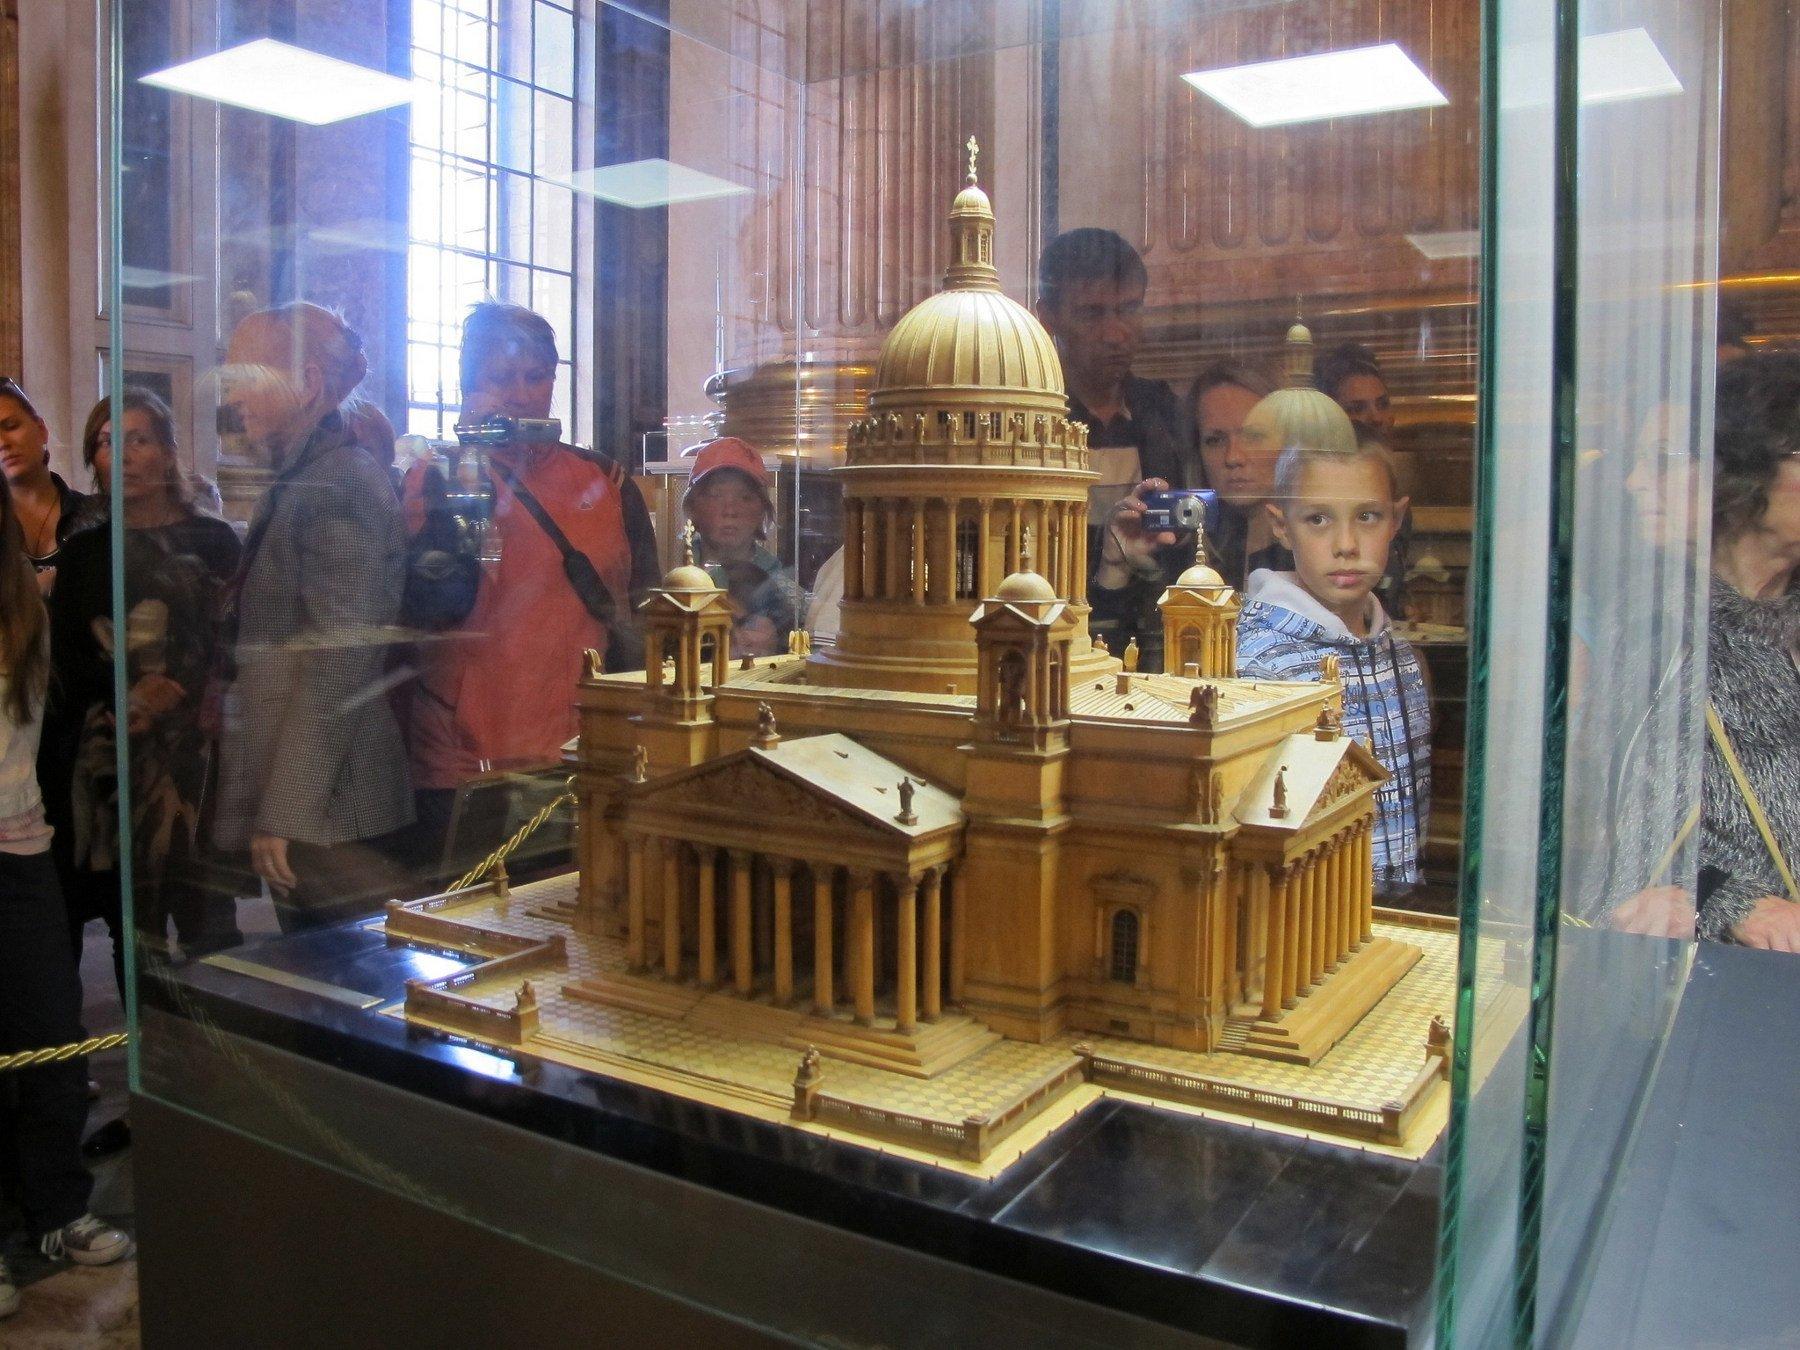 Губернатор Петербурга нискем несогласовывал передачу Исаакиевского храма